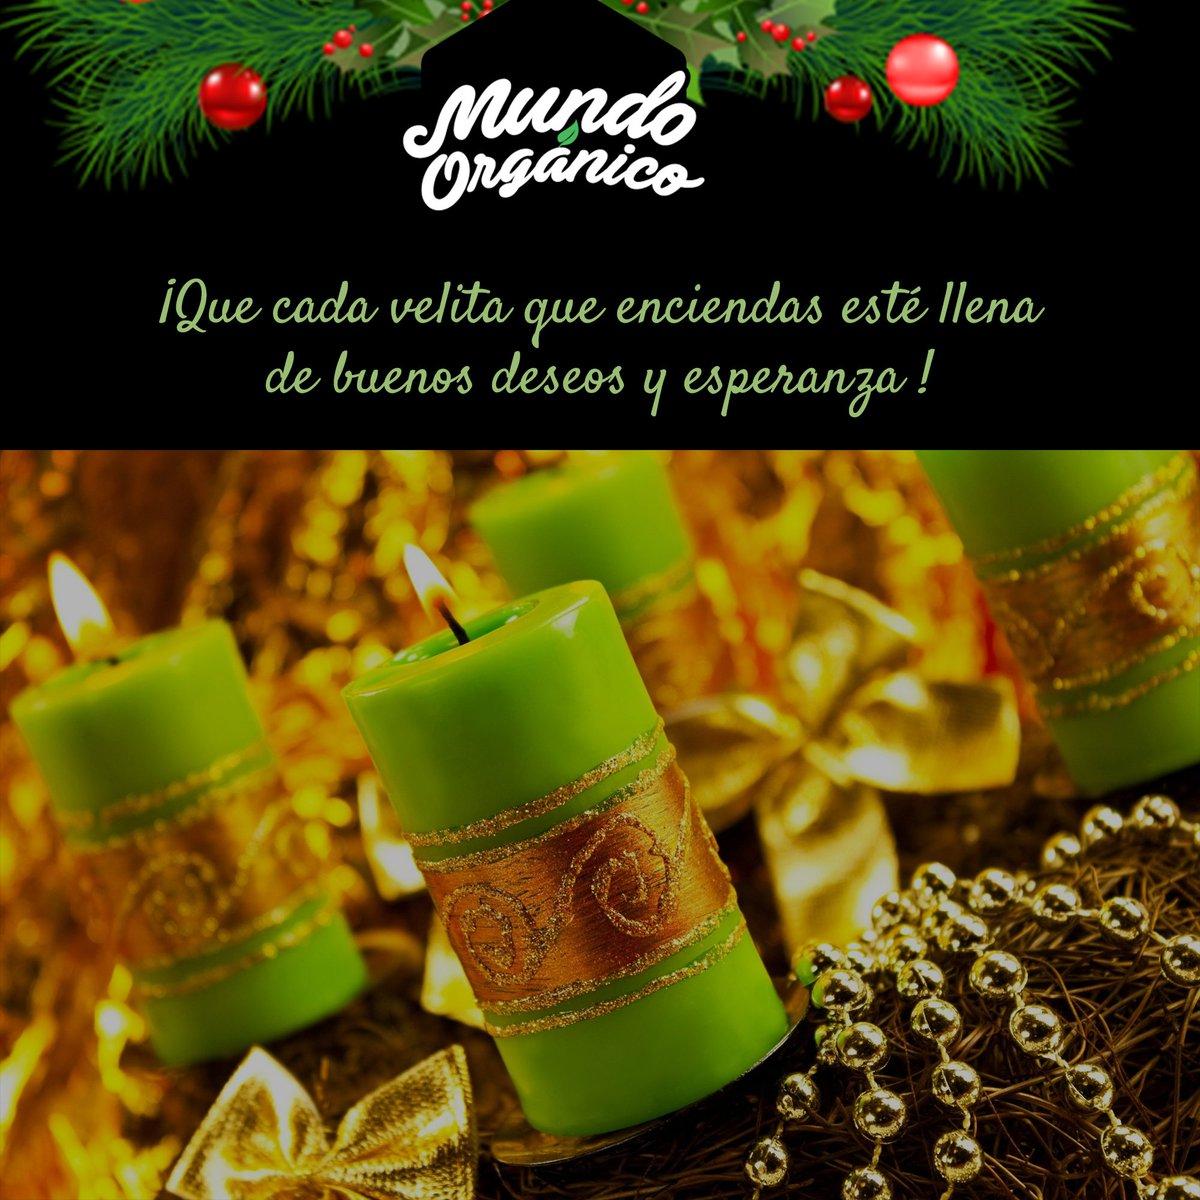 RT @MundOrganicoCol: #FelizDíaDeLasVelitas y que empiecen las celebraciones navideñas 🕯️ https://t.co/VAATbxBqsB